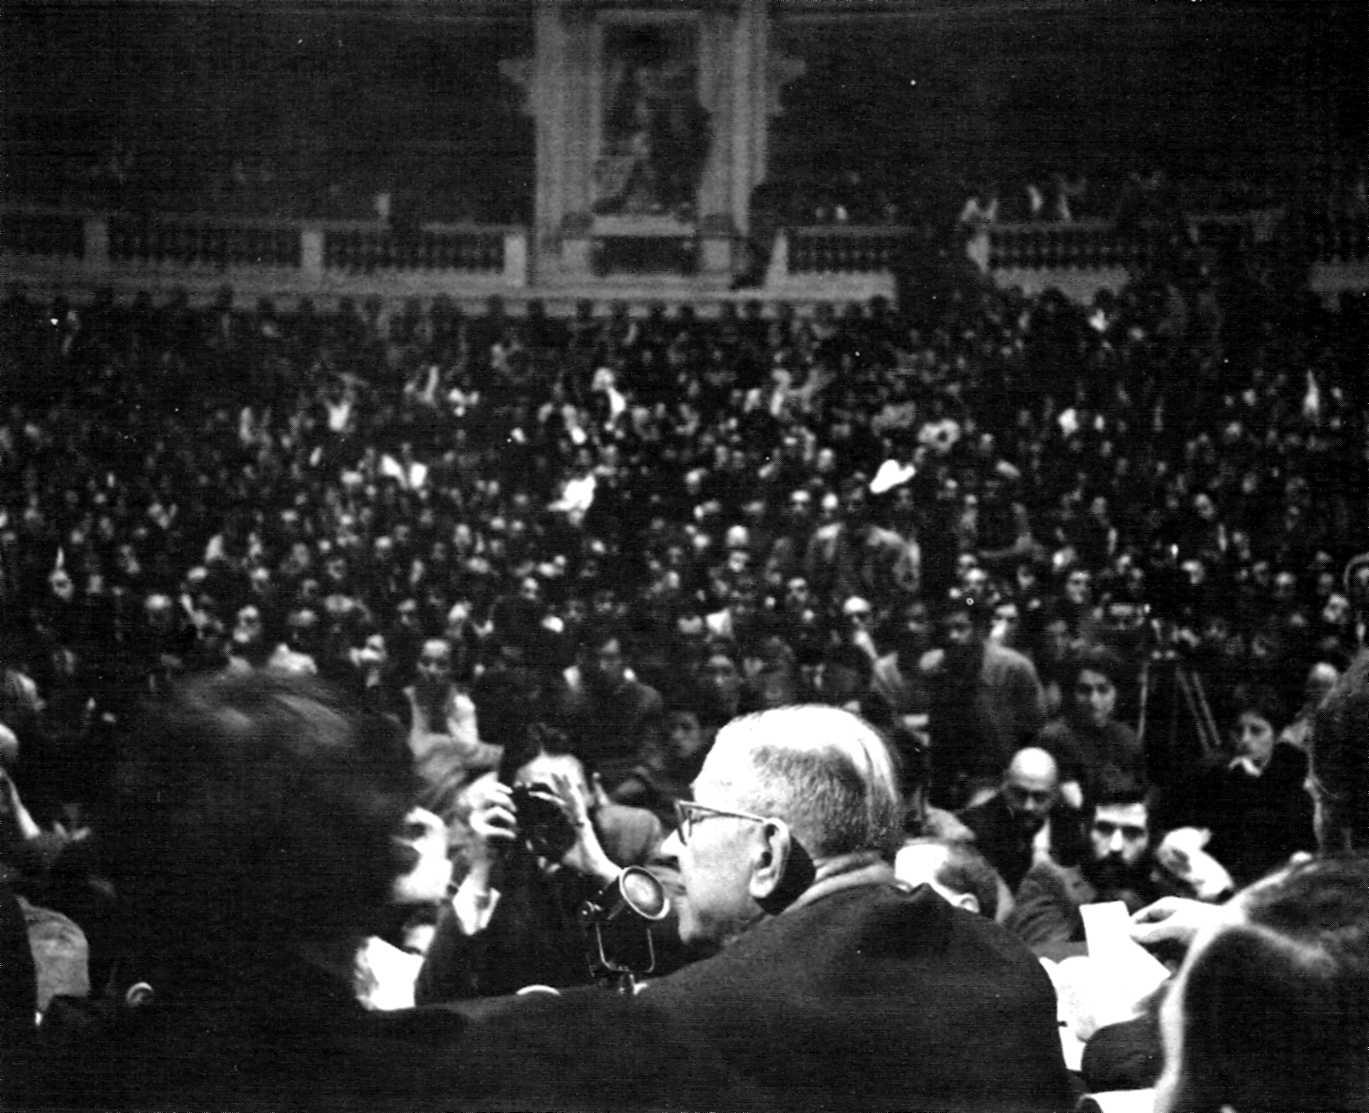 Jean-Paul Sartre a la Sorbona (20 de maig de 1968)